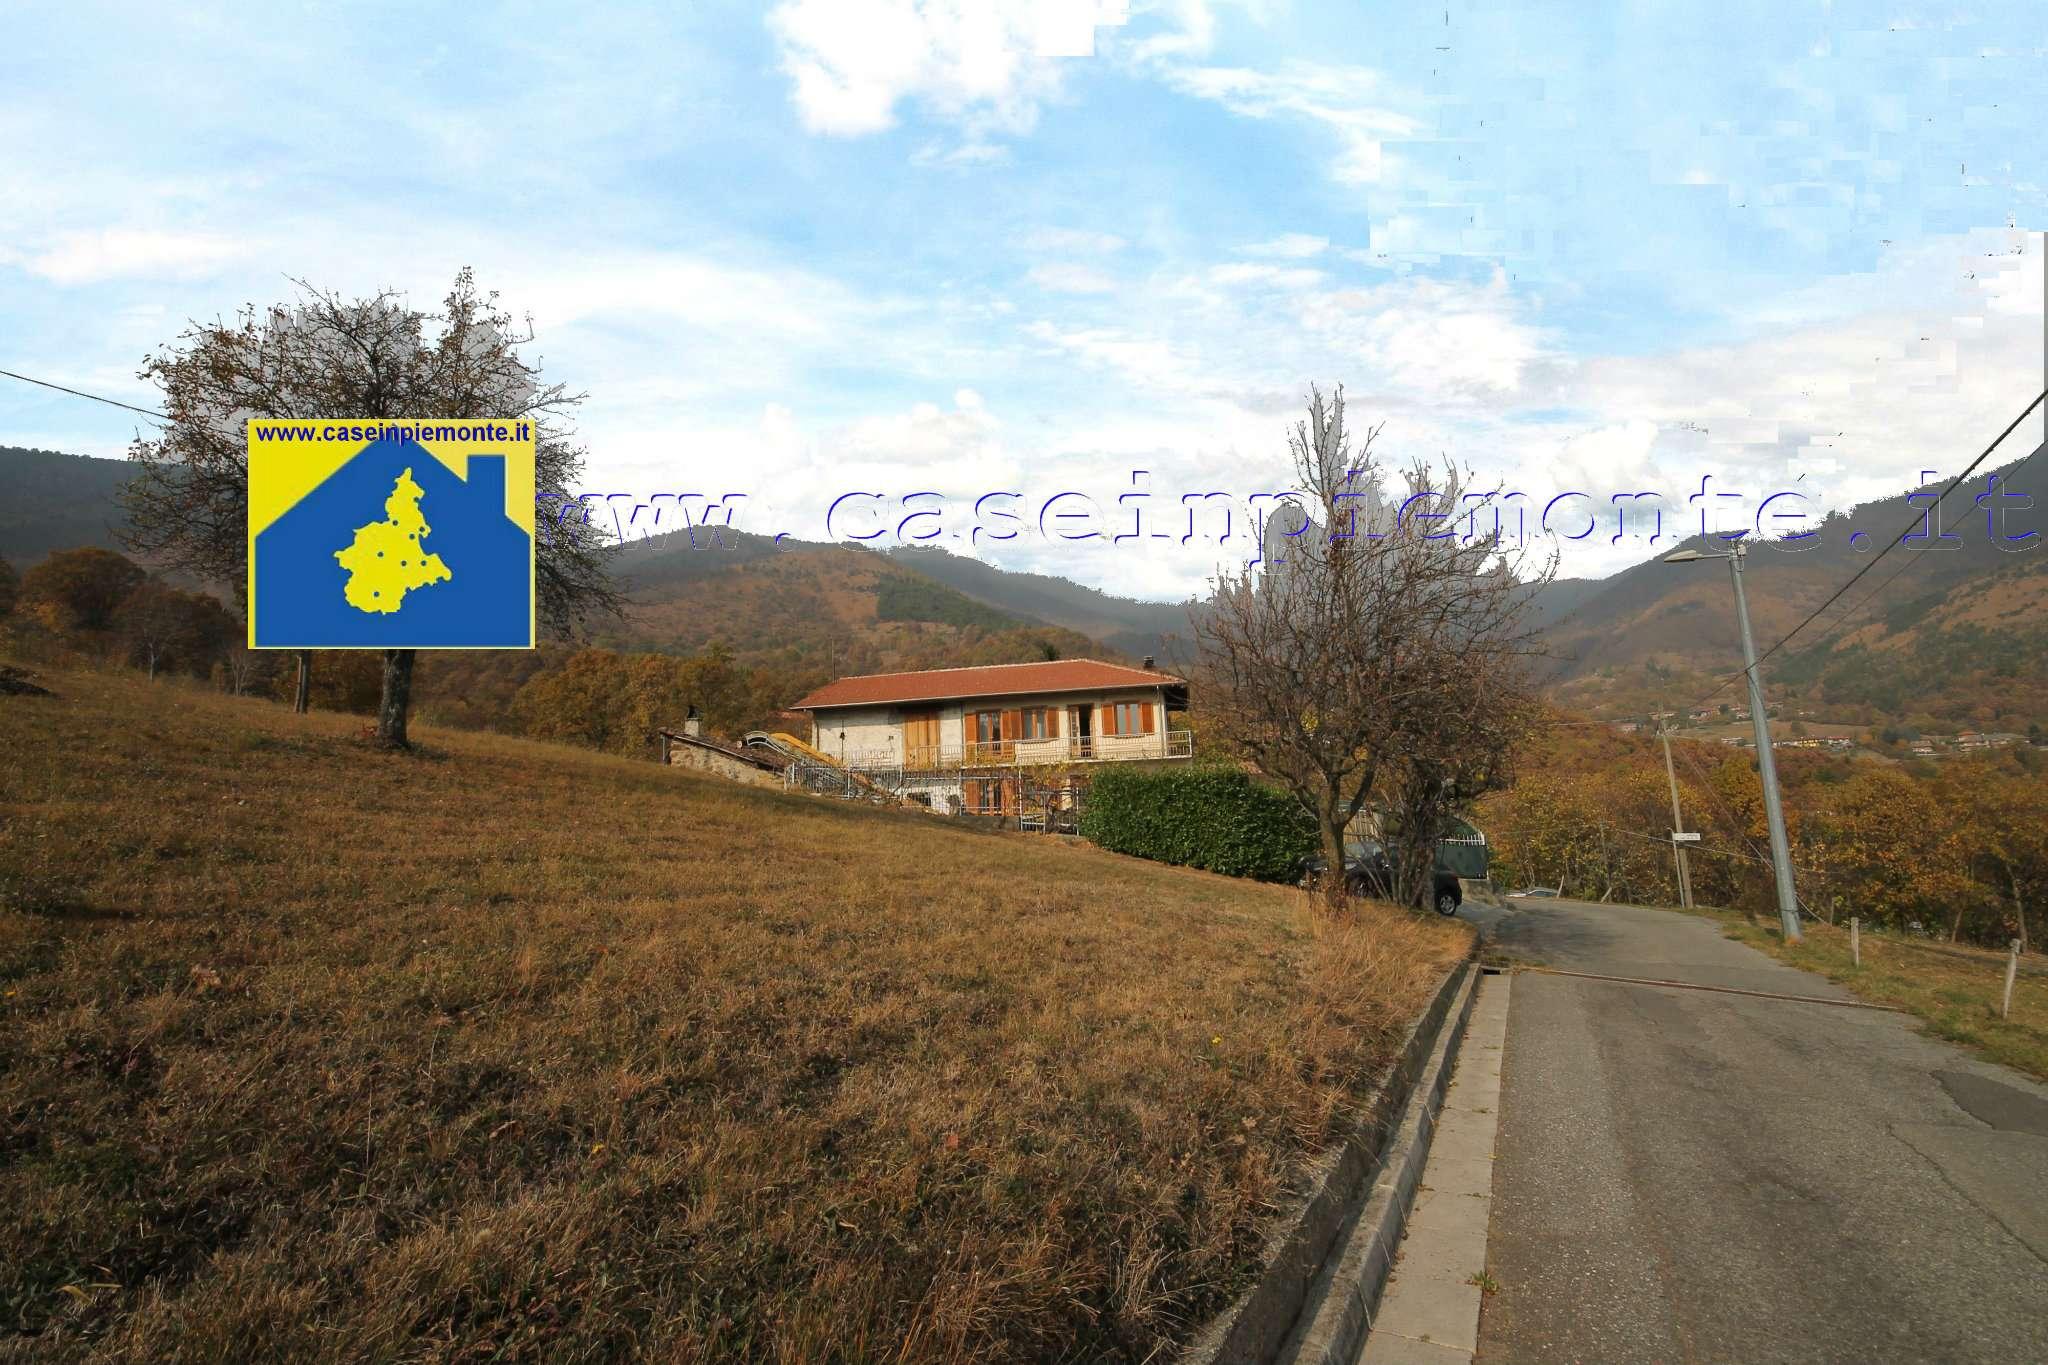 Foto 1 di Casa indipendente via Malandrino 16, frazione Montelera, Val Della Torre